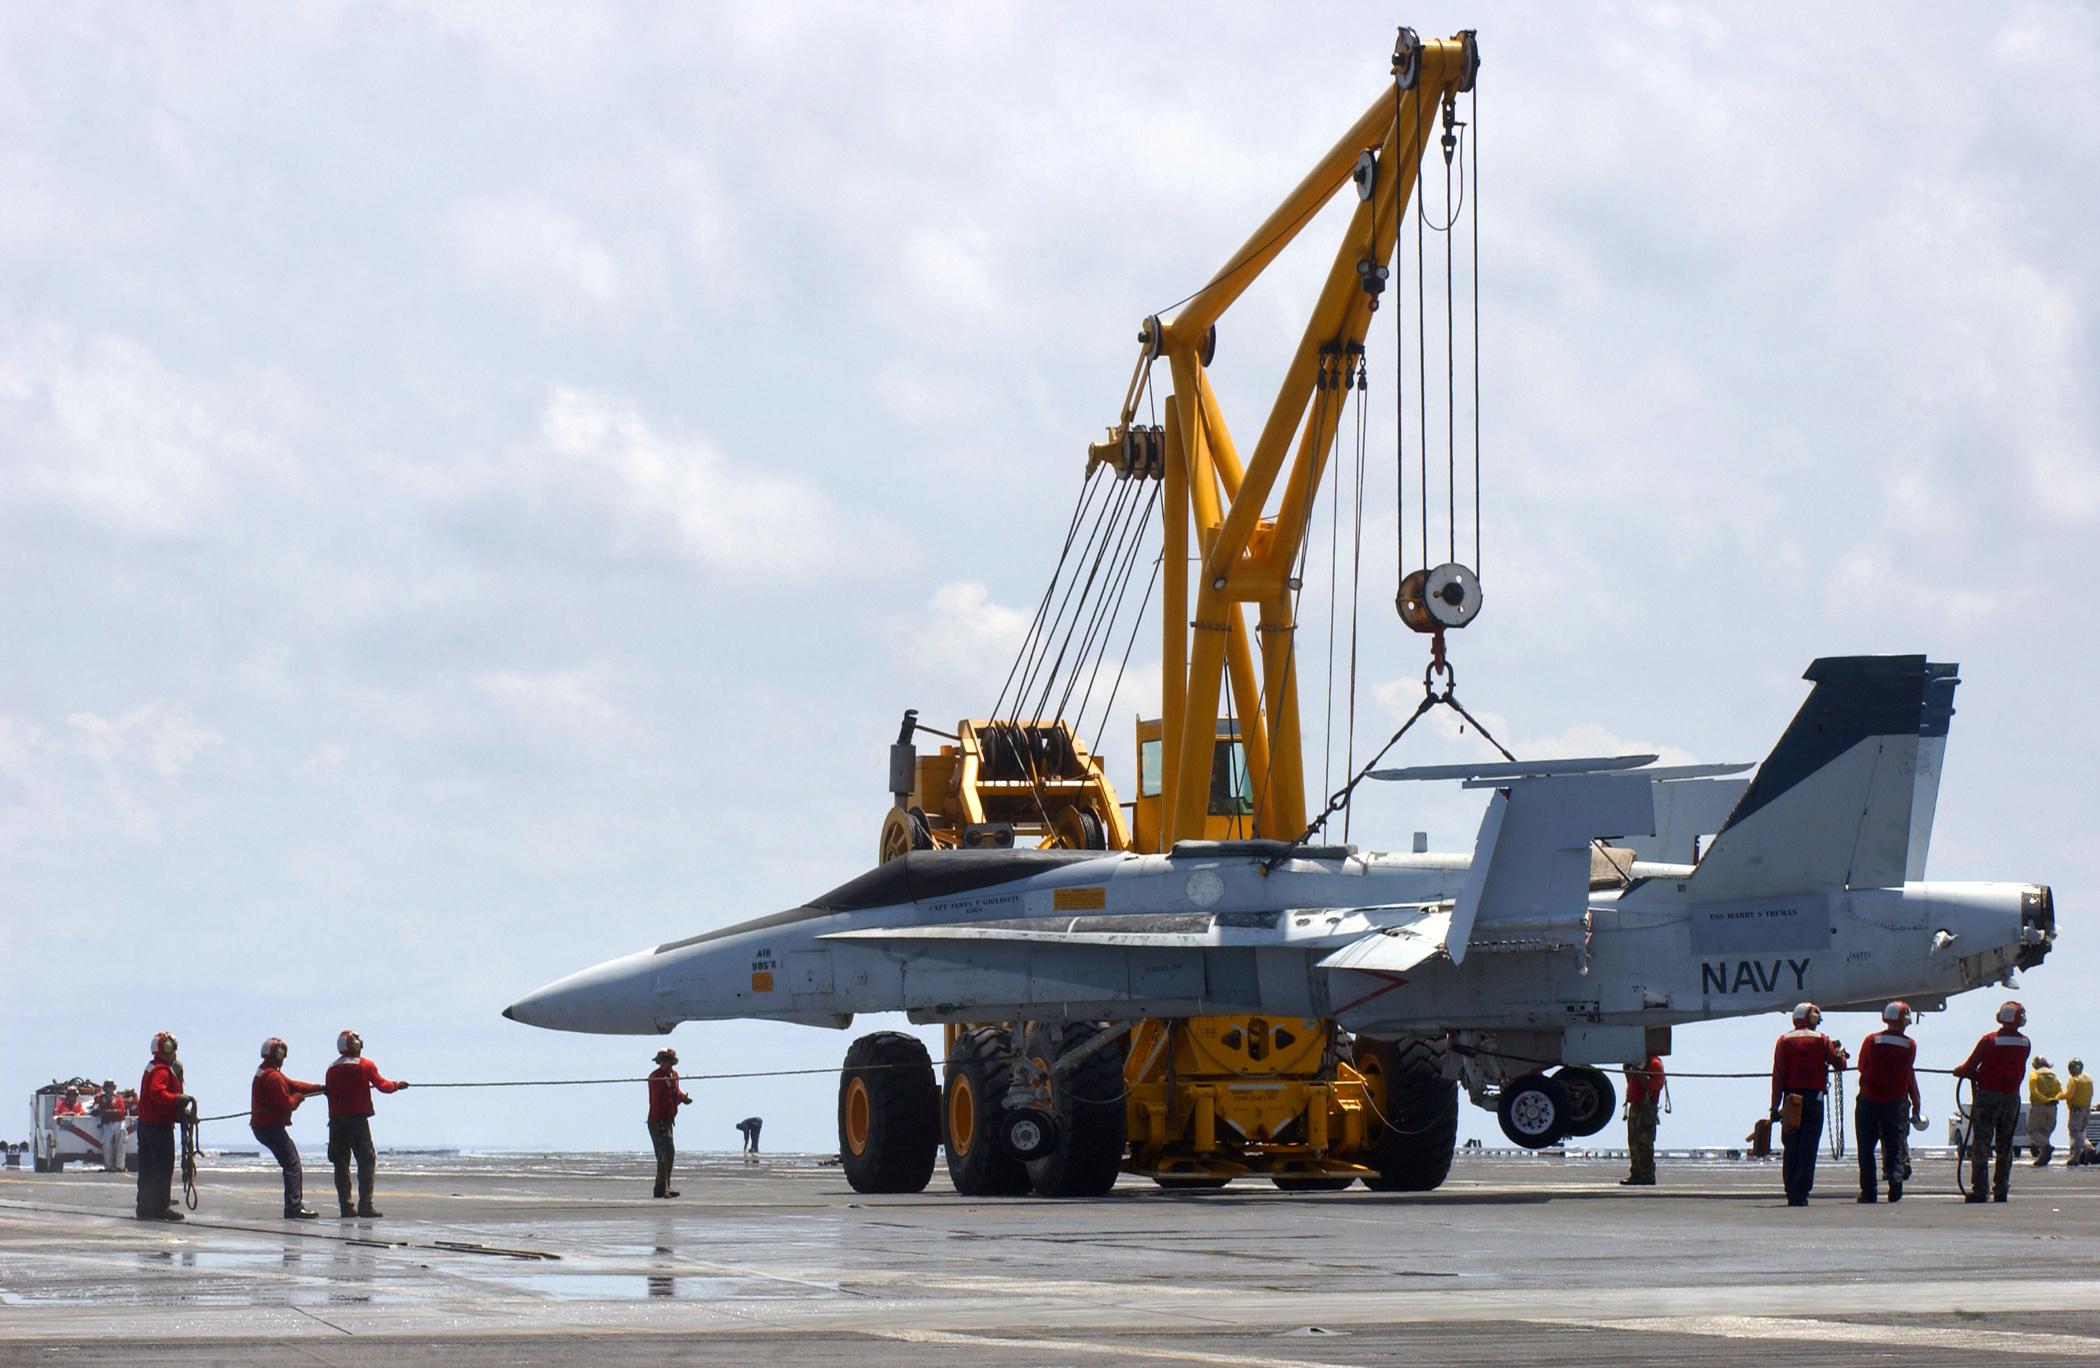 - عن الطائرات المقاتلة  US_Navy_050802-N-5345W-039_Crash_and_Salvage_division_personnel_stabilize_a_training_airframe_as_it_is_removed_from_the_landing_area_by_the_emergency_heavy_lift_crane_Tilly